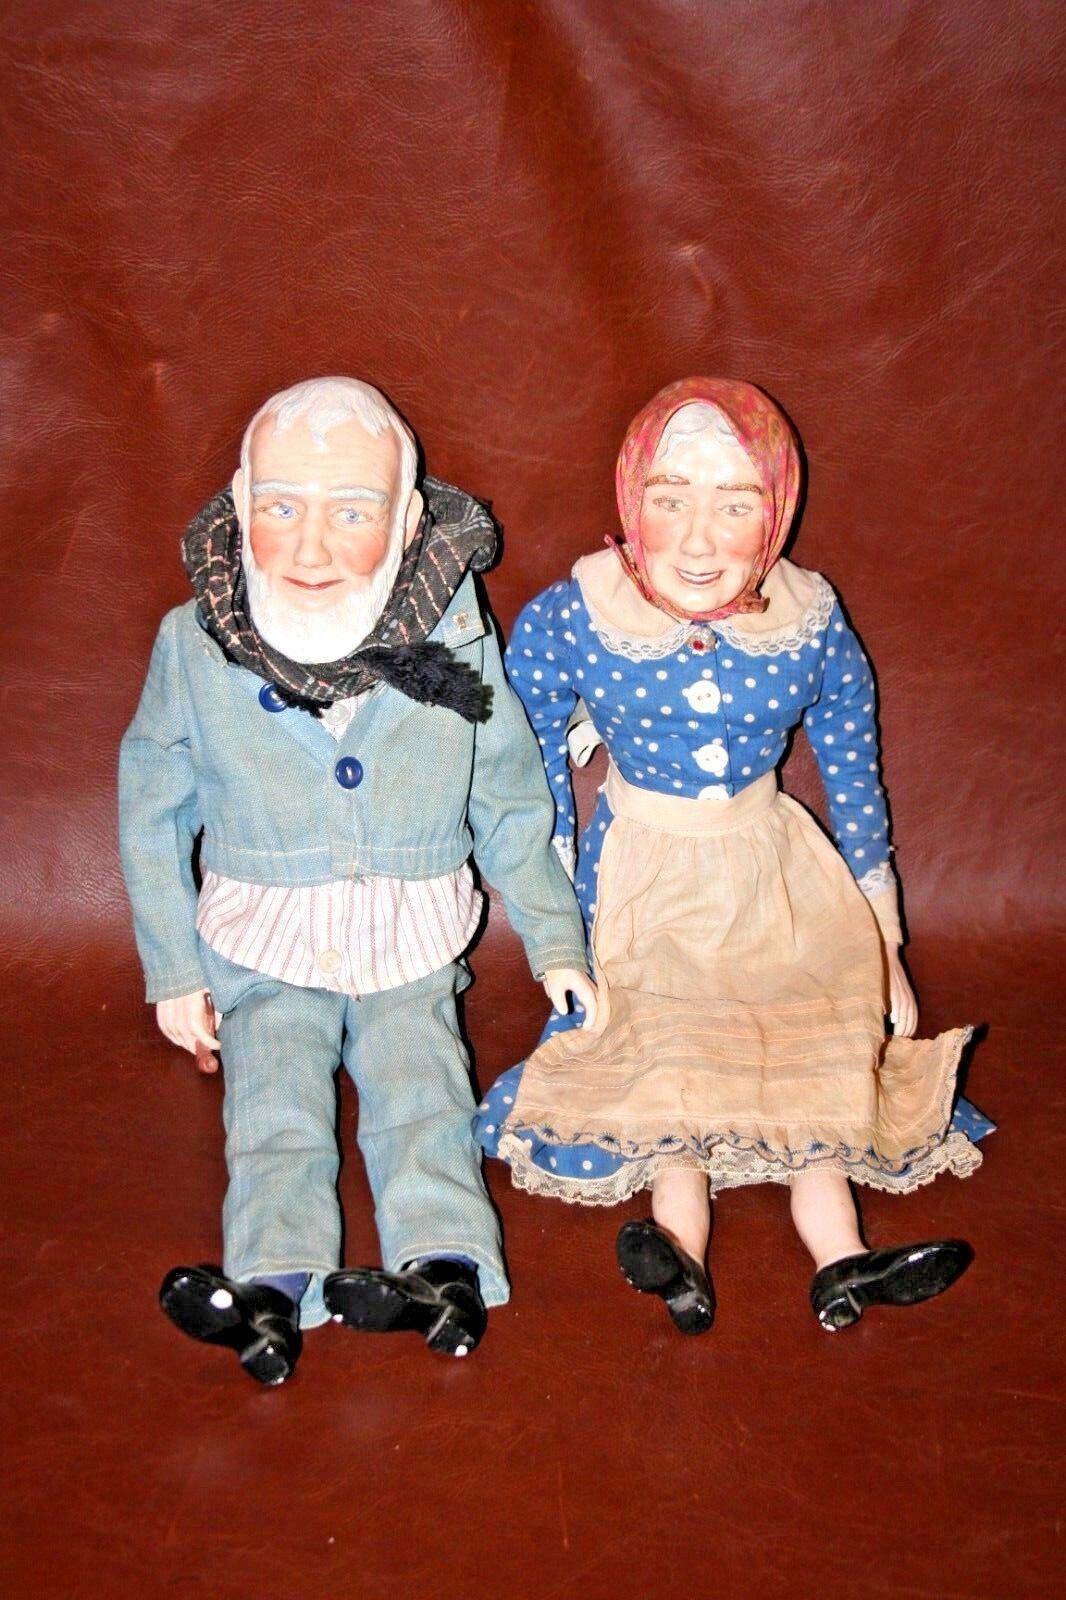 COPPIA 1965 He fatto 21 Stile Nordico NONNA & Nonno bambolaS by Mildrosso preshaw